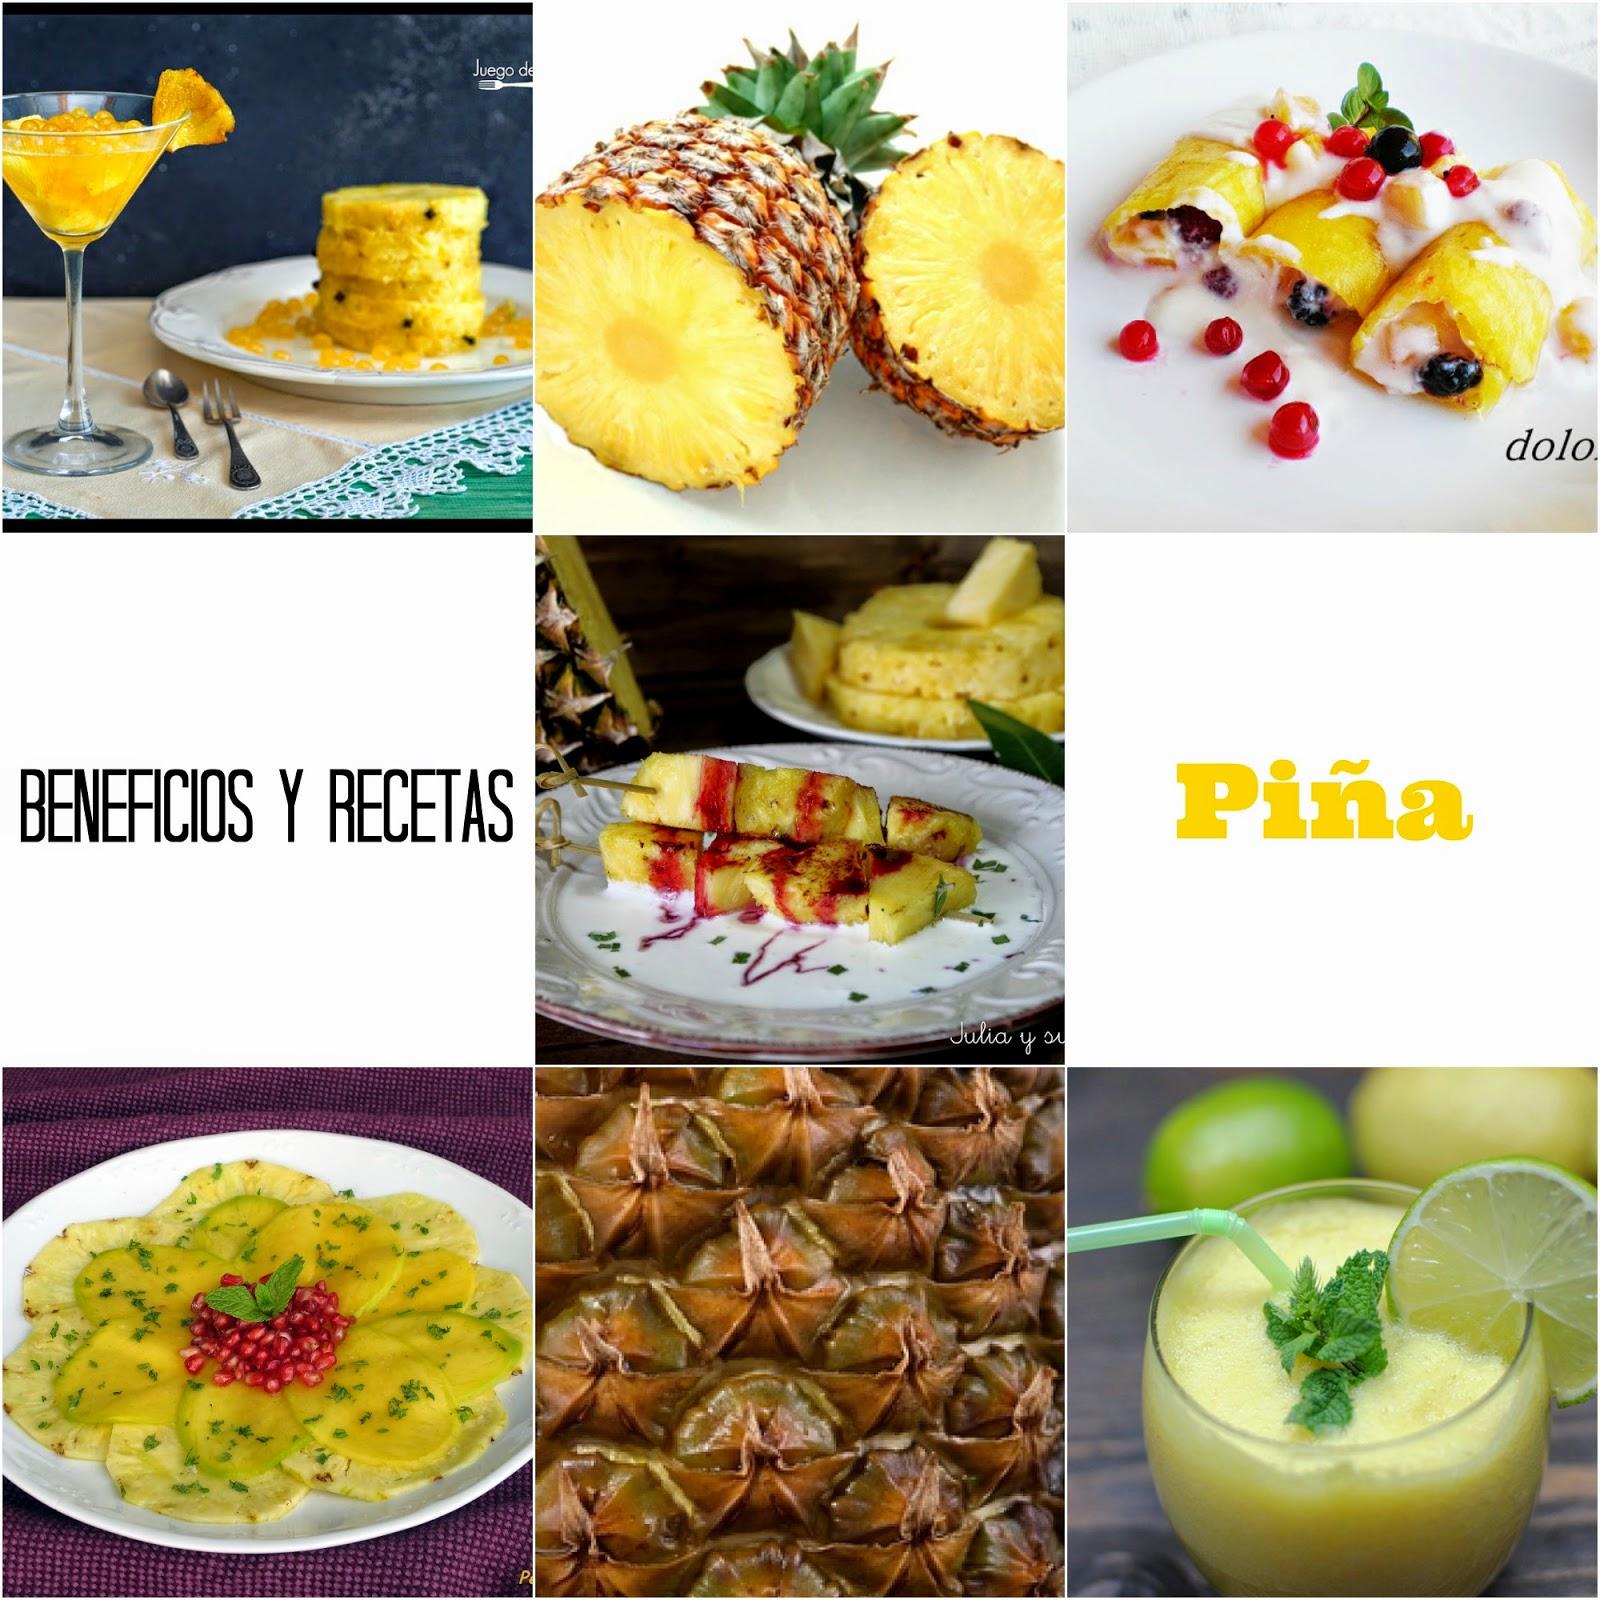 Beneficios de la piña y 5 recetas dulces + Agua de piña